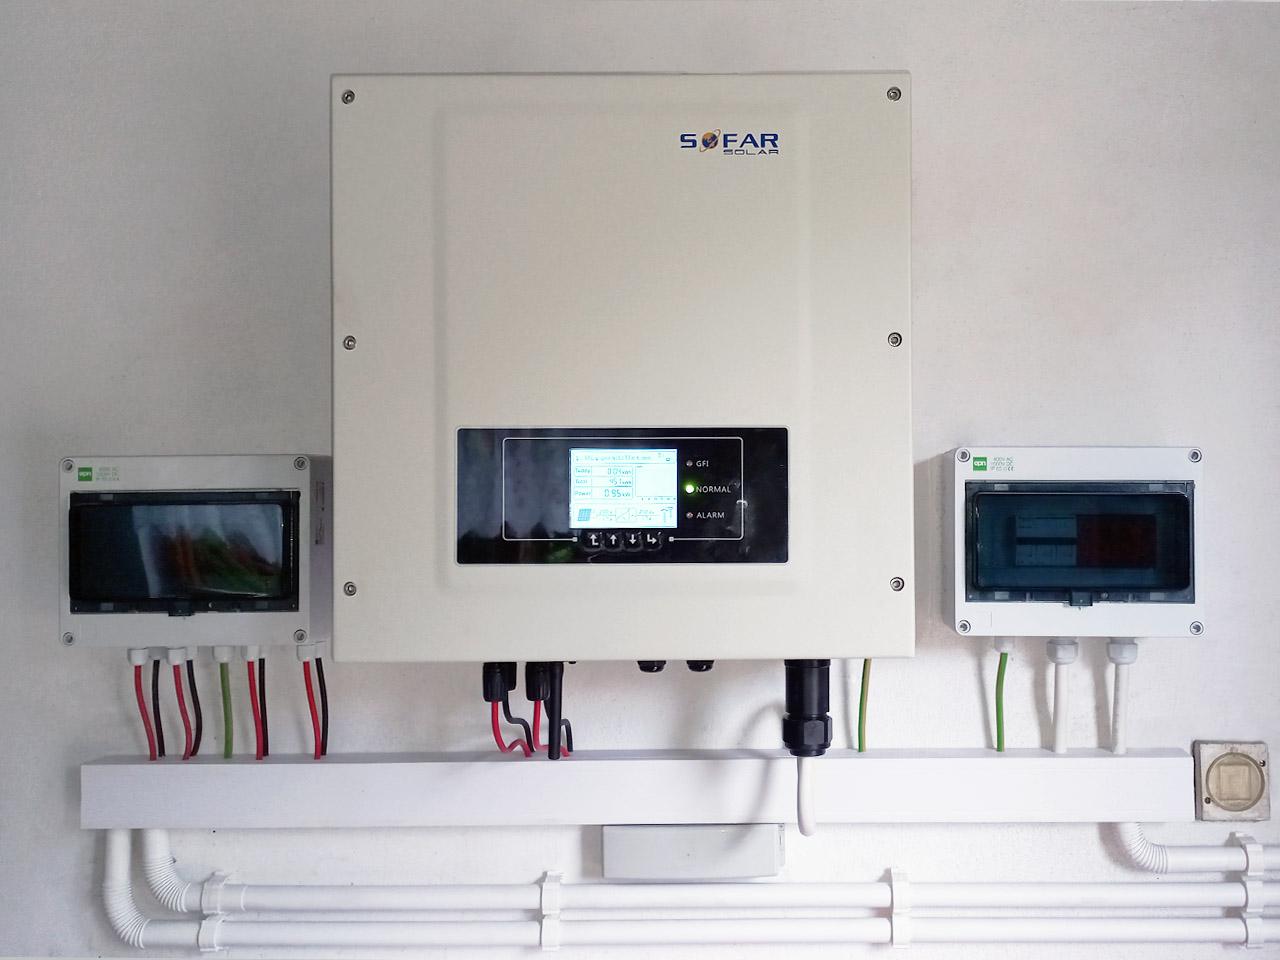 instalacja-fotowoltaiczna-foto-instal-montaz-paneli-slonecznych-debno-brzesko-tarnow-krakow-rzeszow-debica-nowy-sacz-malopolska-podkarpacie-longi-solar-sofar-fronius-huawei (56)